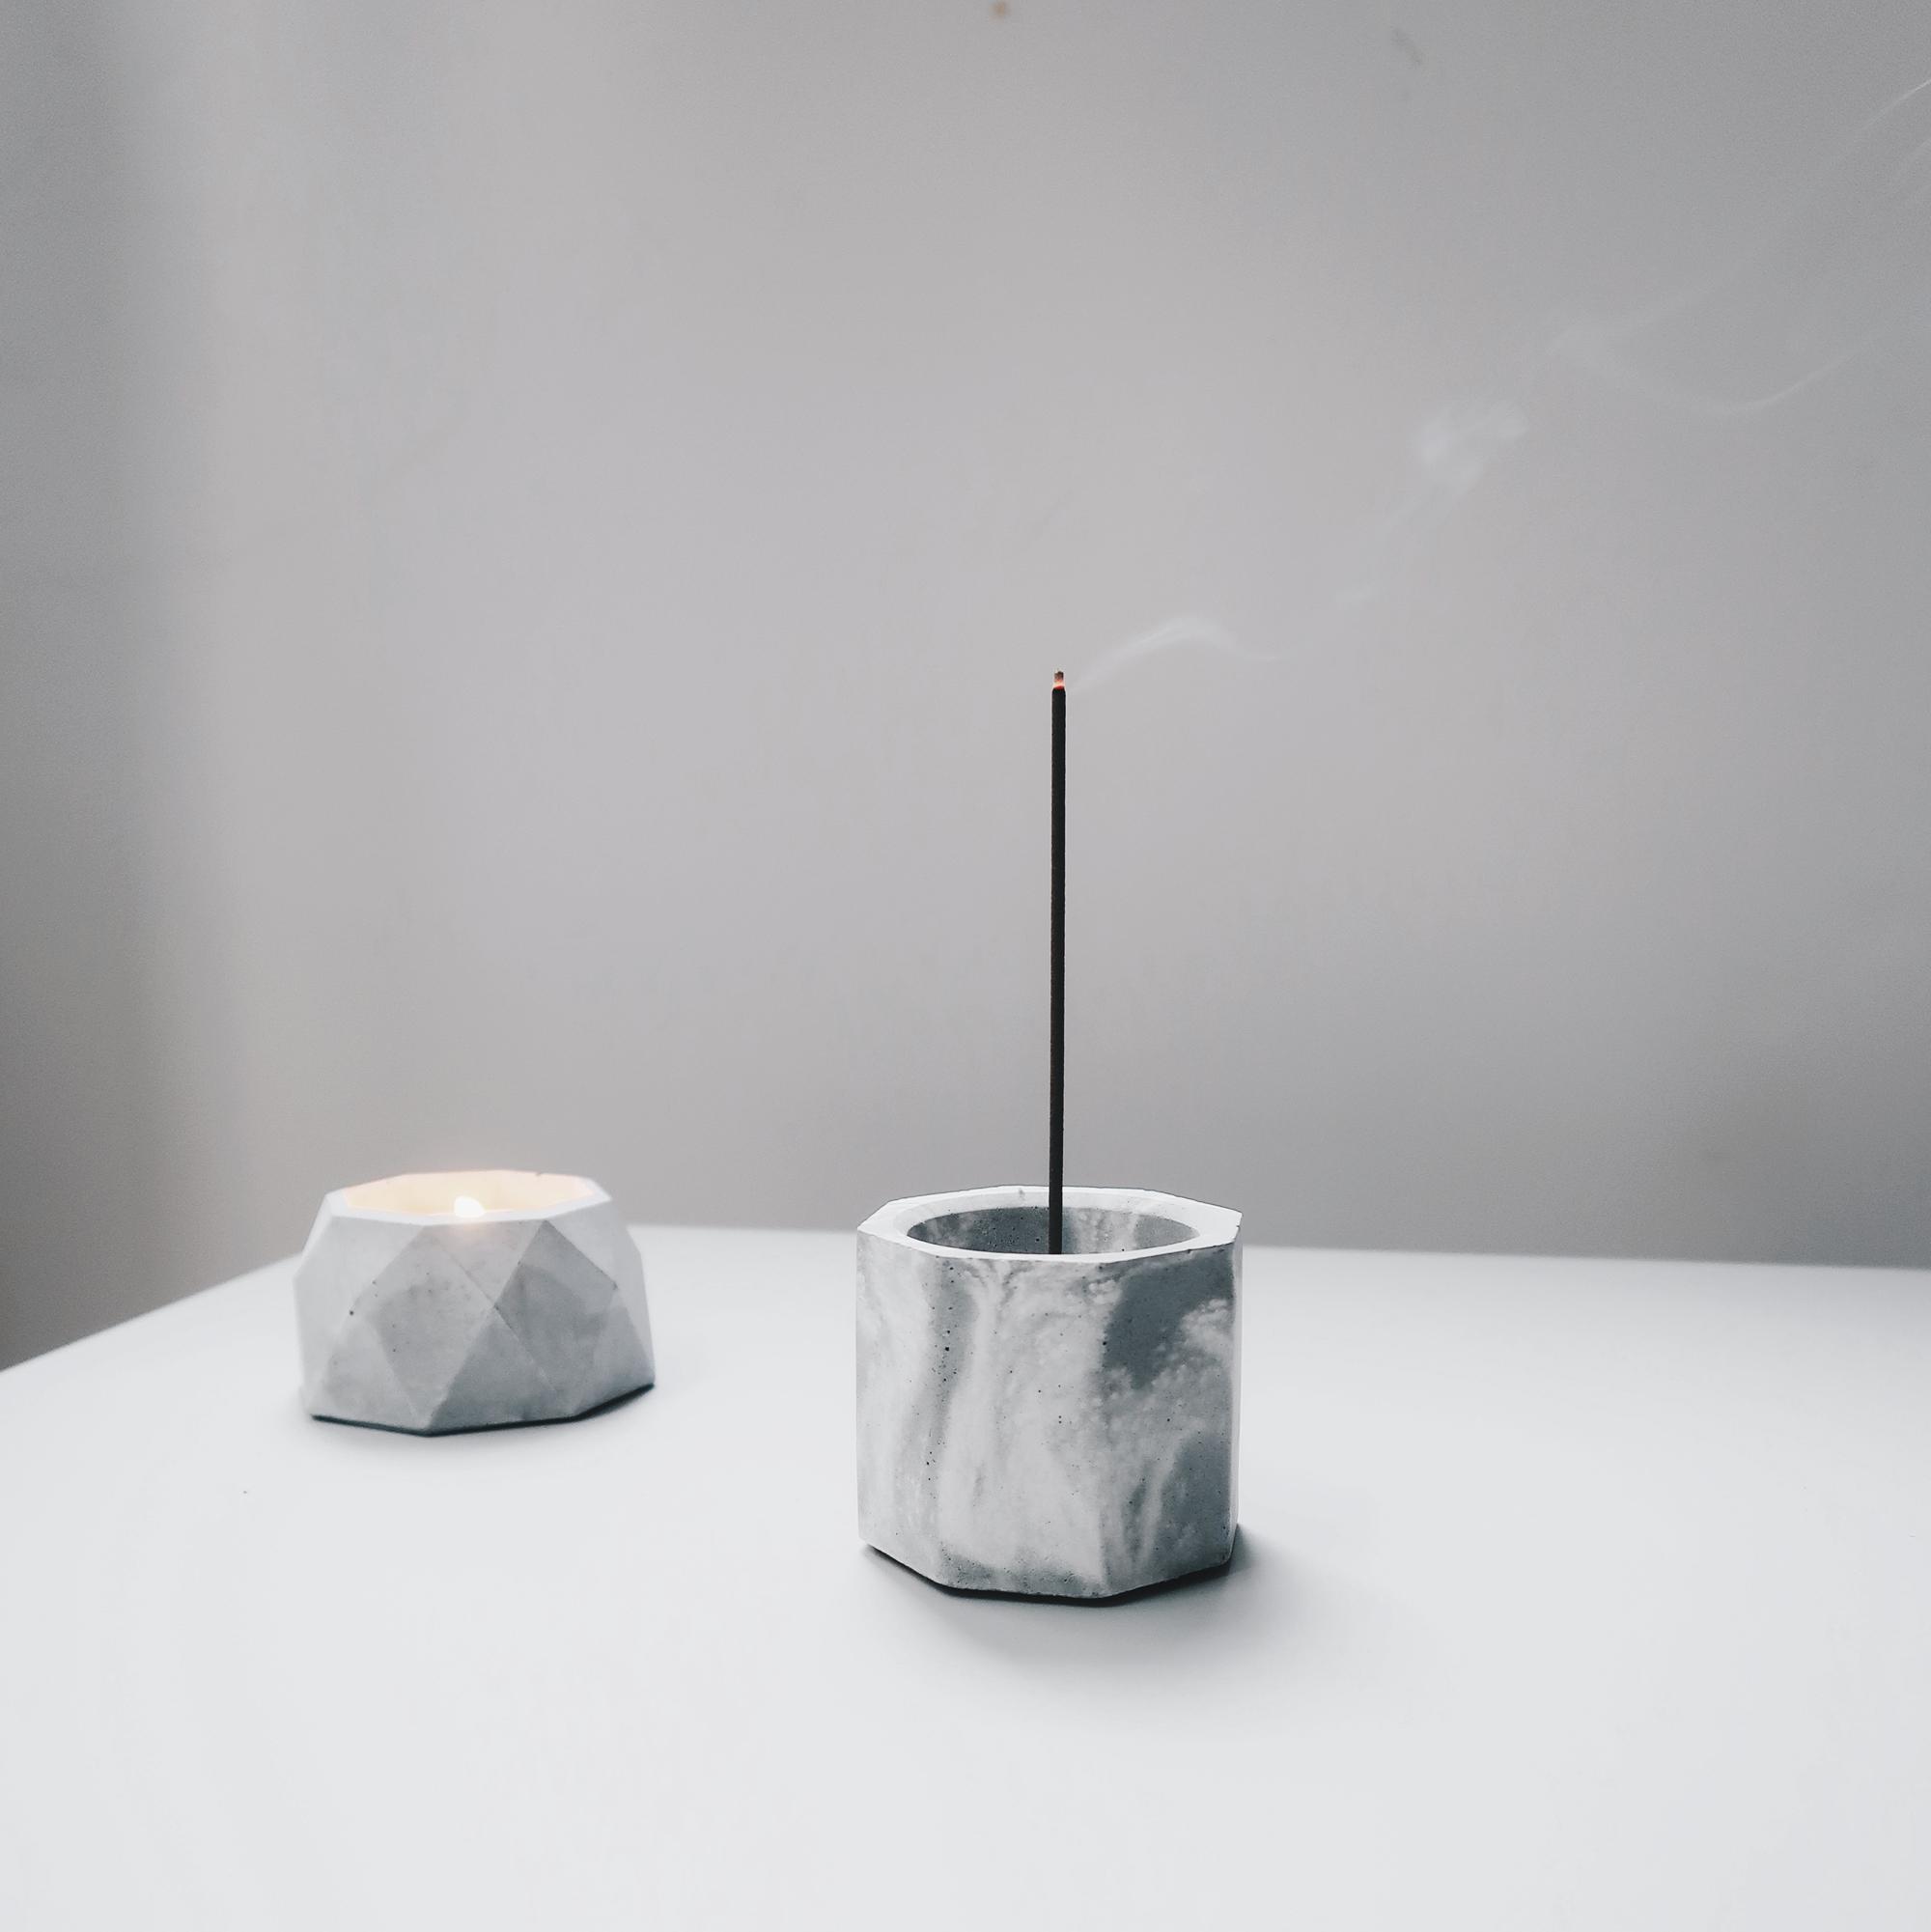 CARRARA 卡拉拉多用途水泥銅器擺飾・花器・禮物